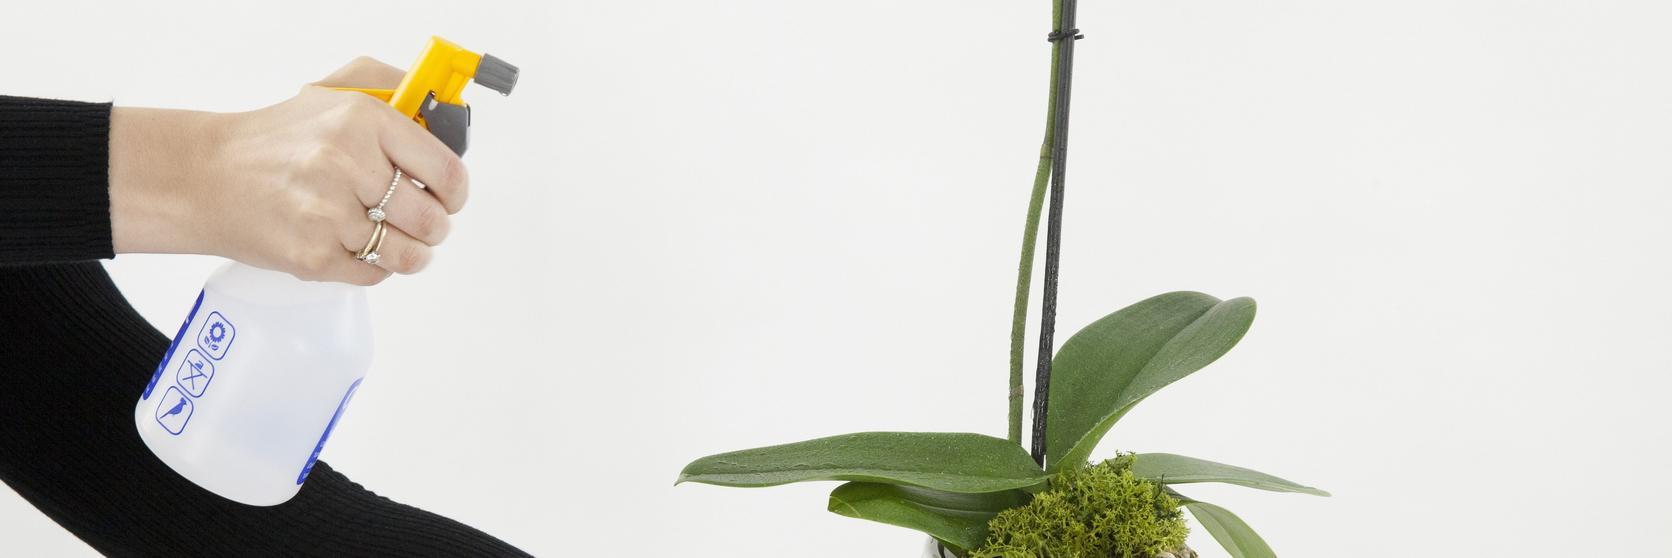 orchidCareMist